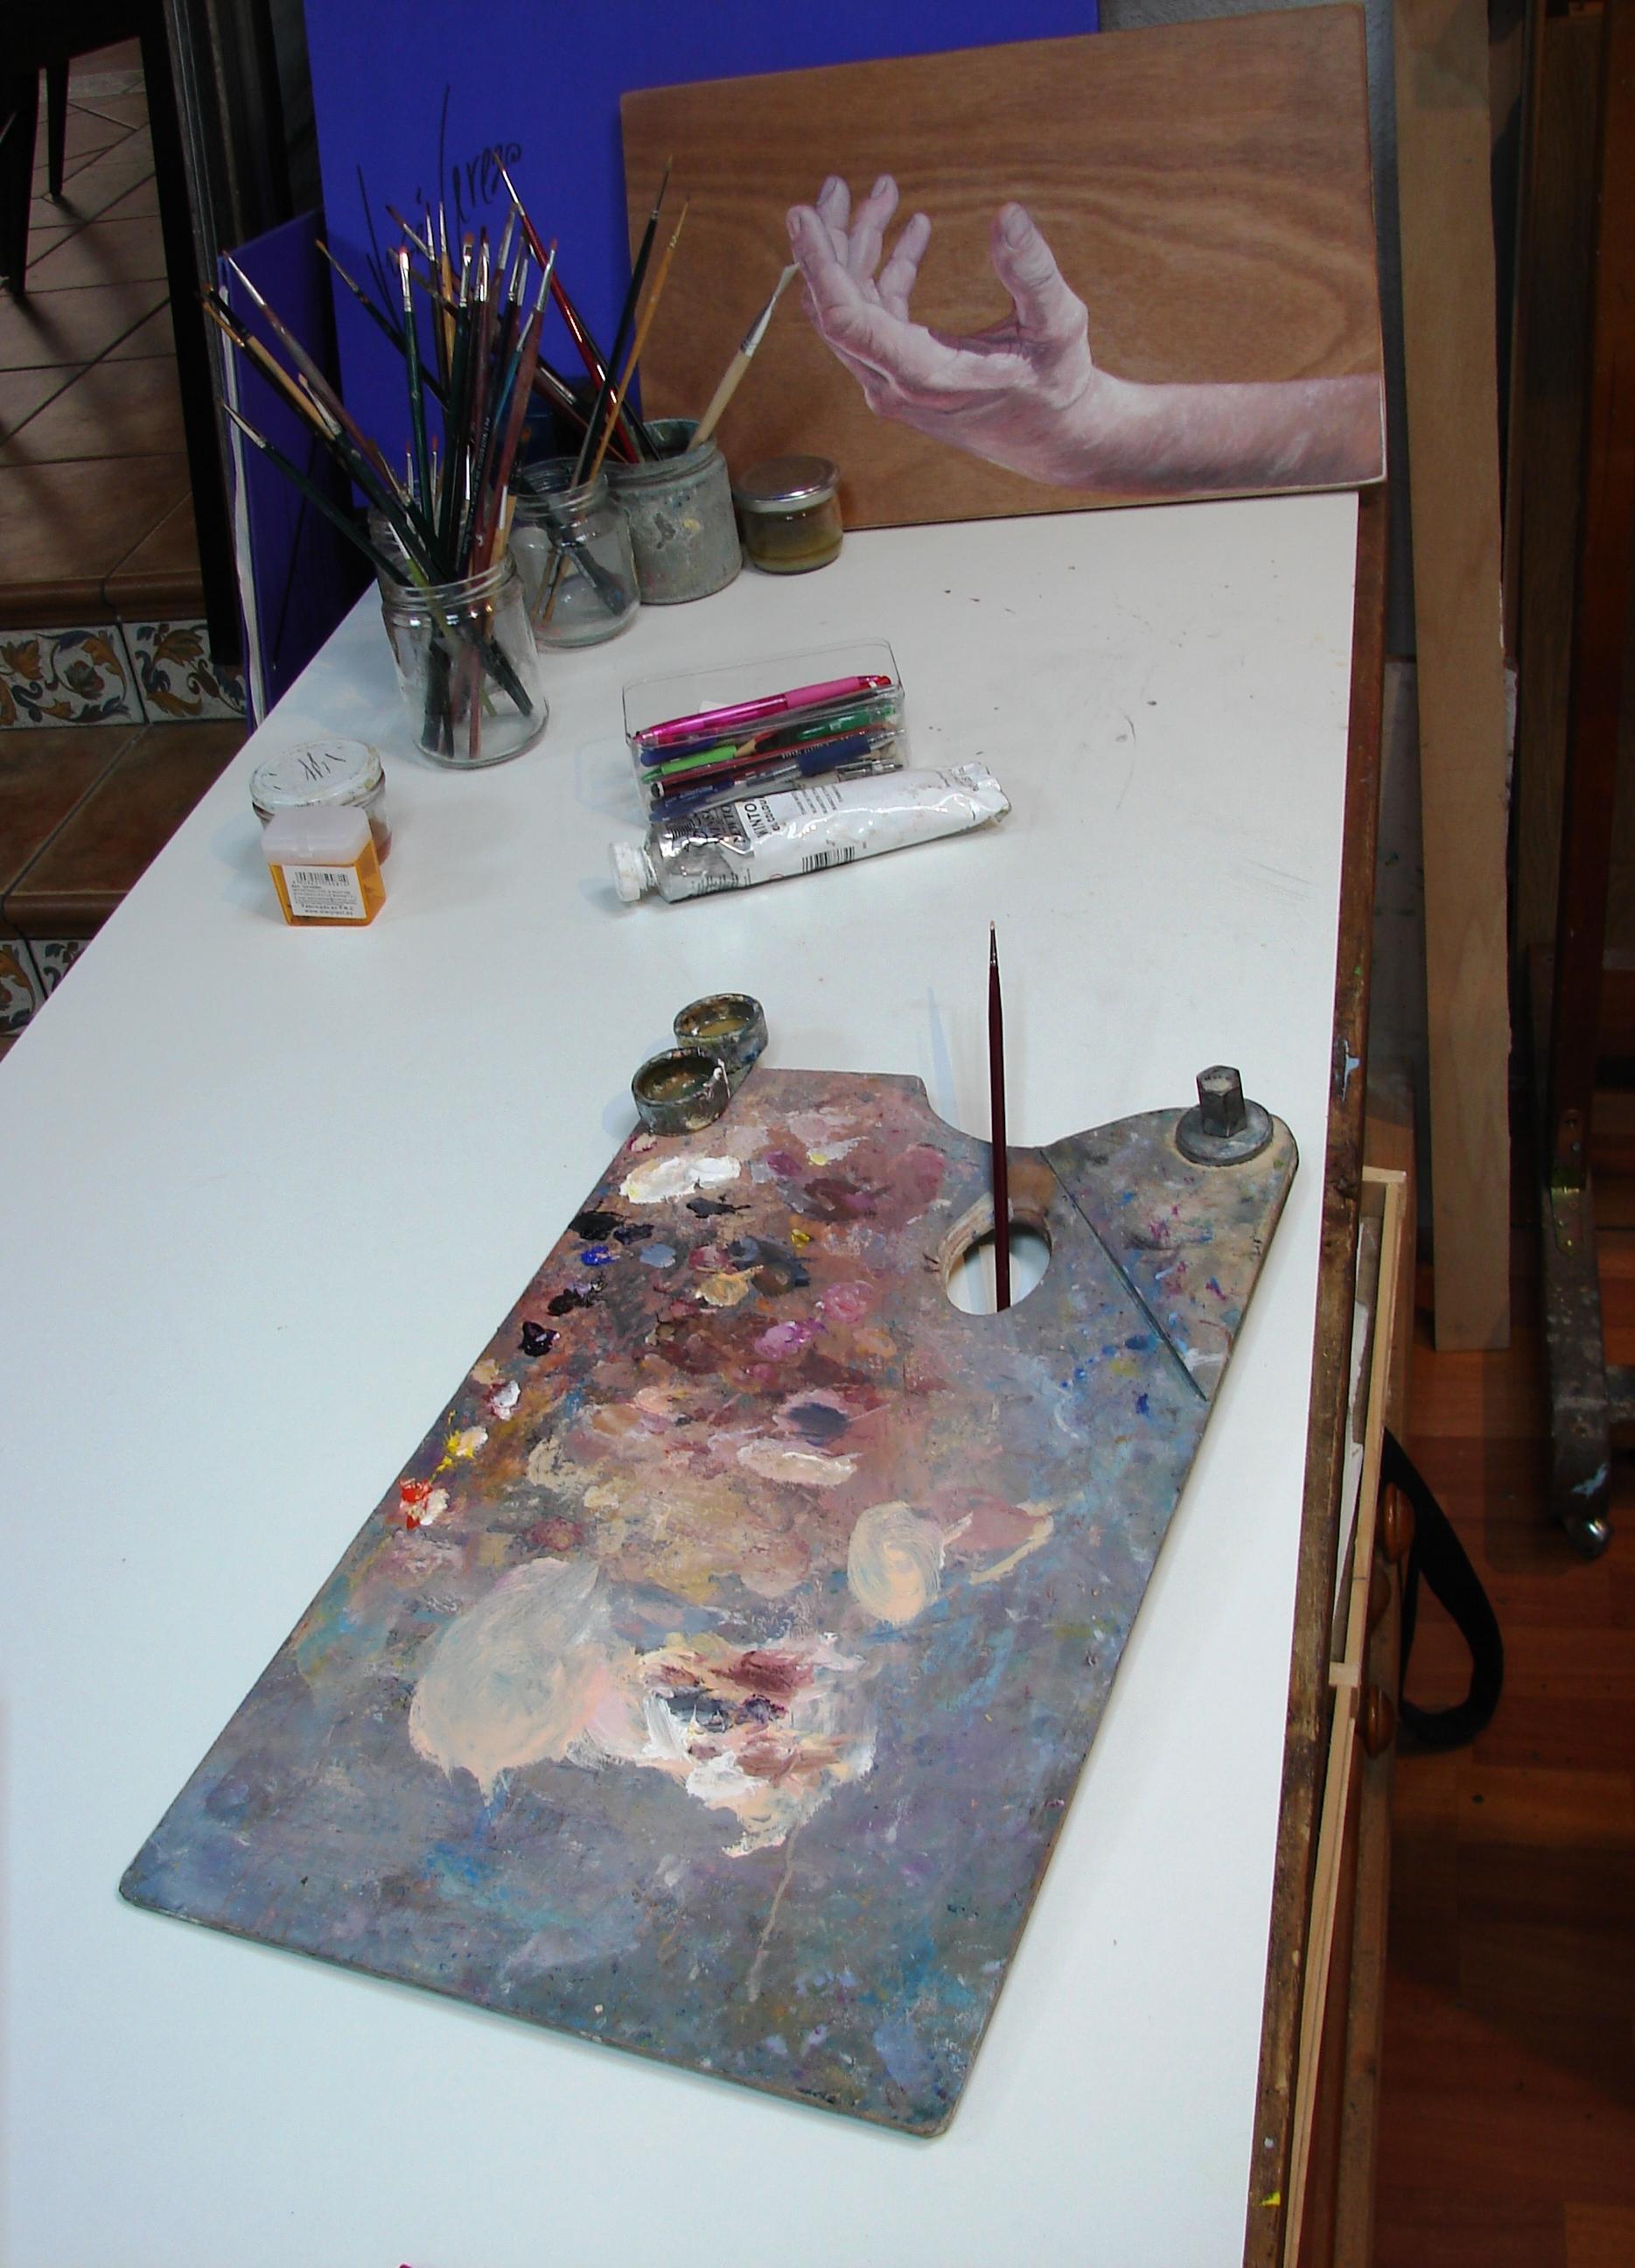 Mesa de trabajo con paleta de colores y un estudio de mano sobre madera al fondo